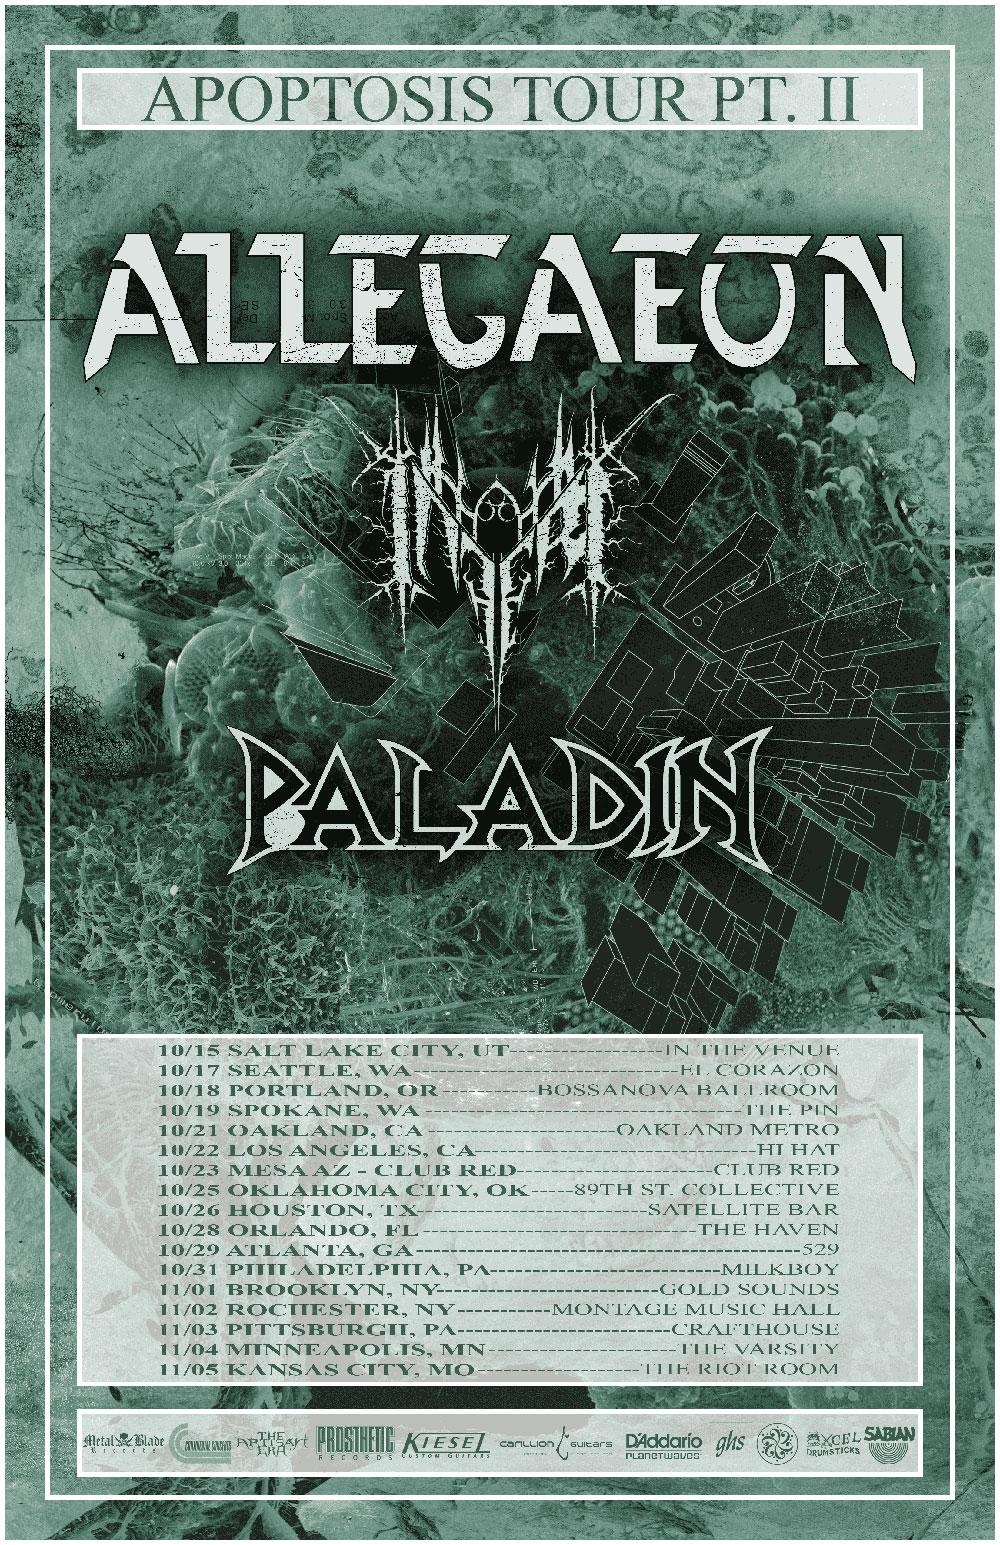 """Allegaeon announces """"Apoptosis Tour Pt II""""USA"""